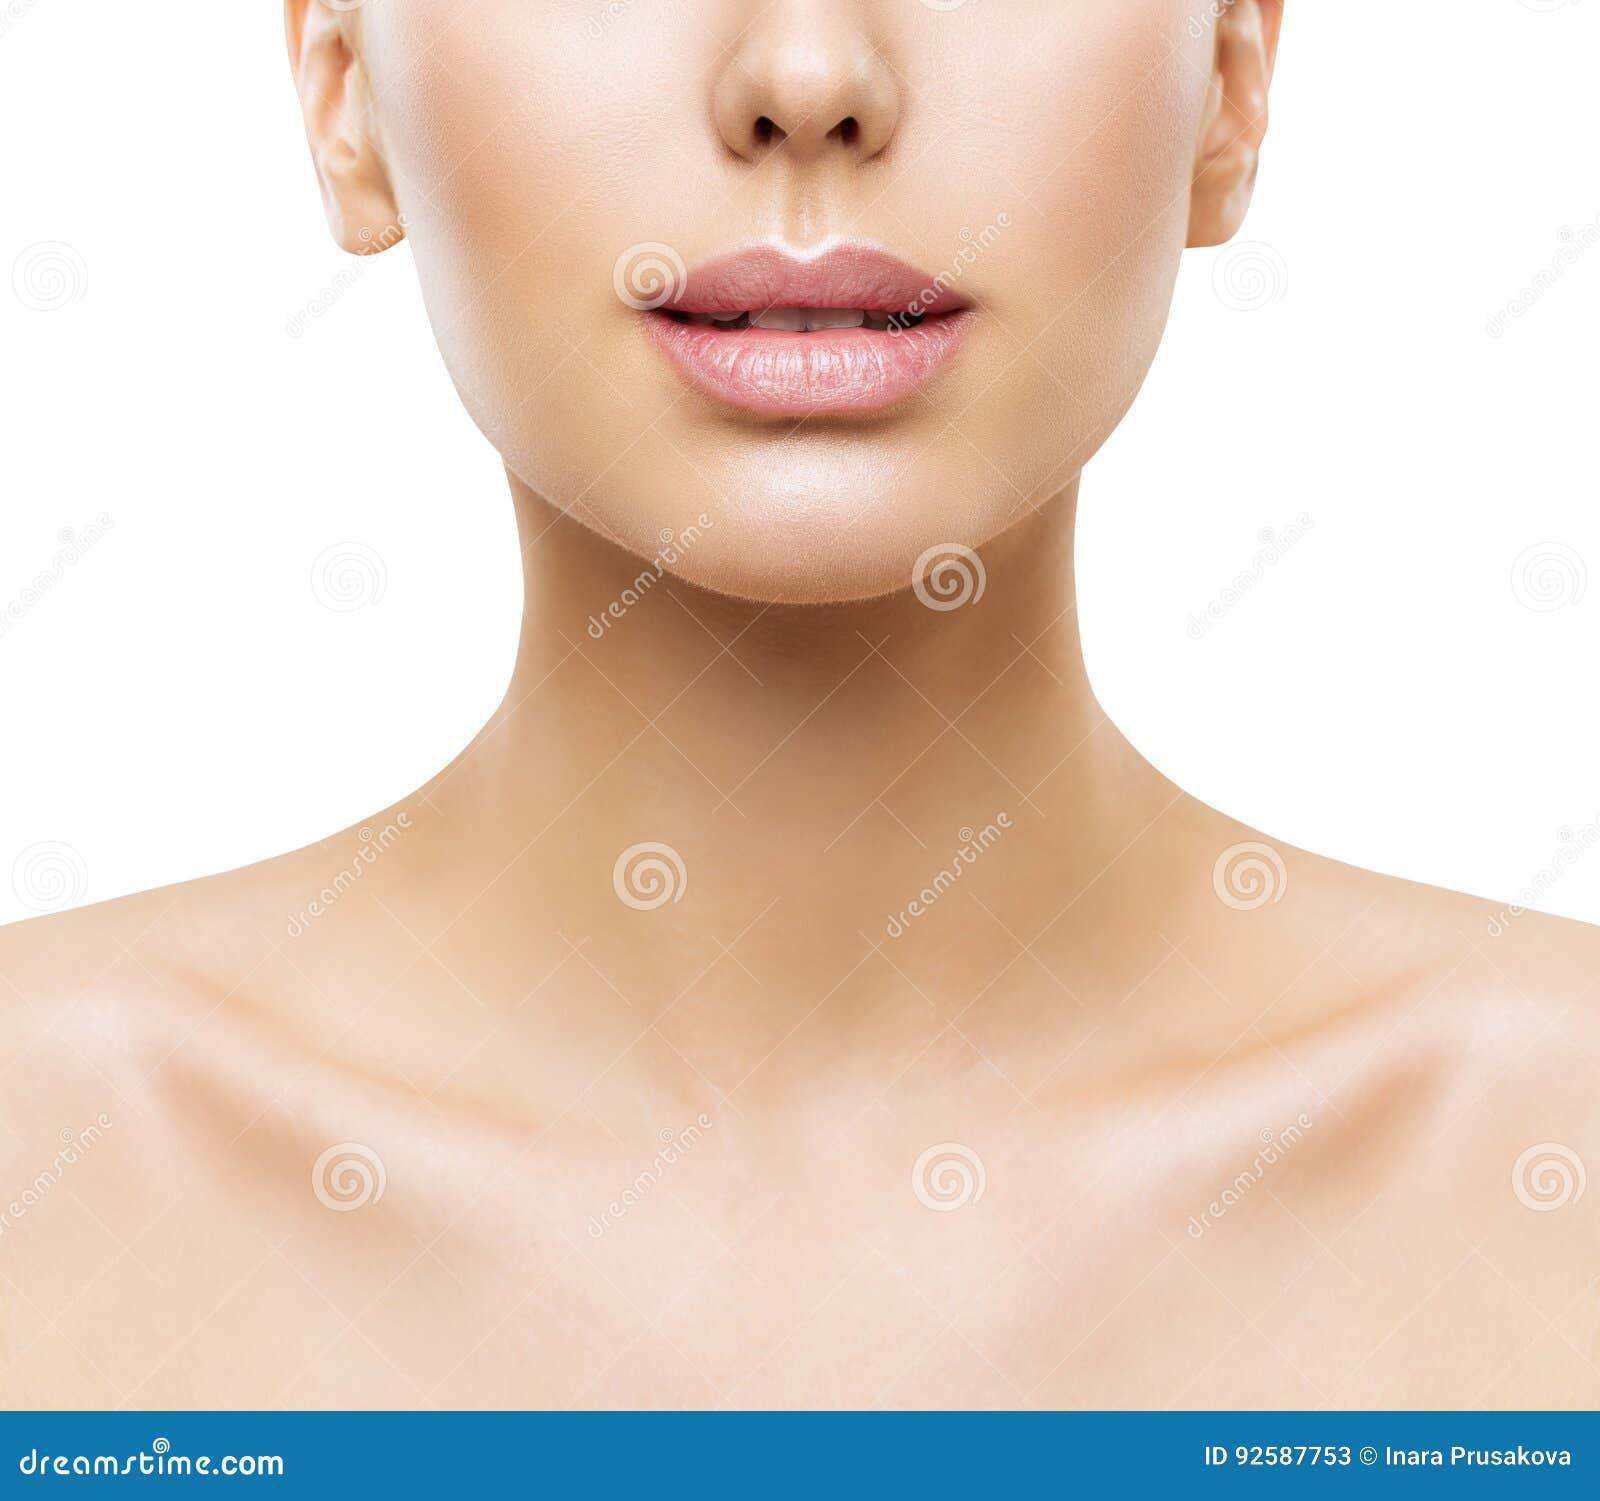 Bordos, beleza da cara da mulher, boca e close up da pele do pescoço, pele das mulheres